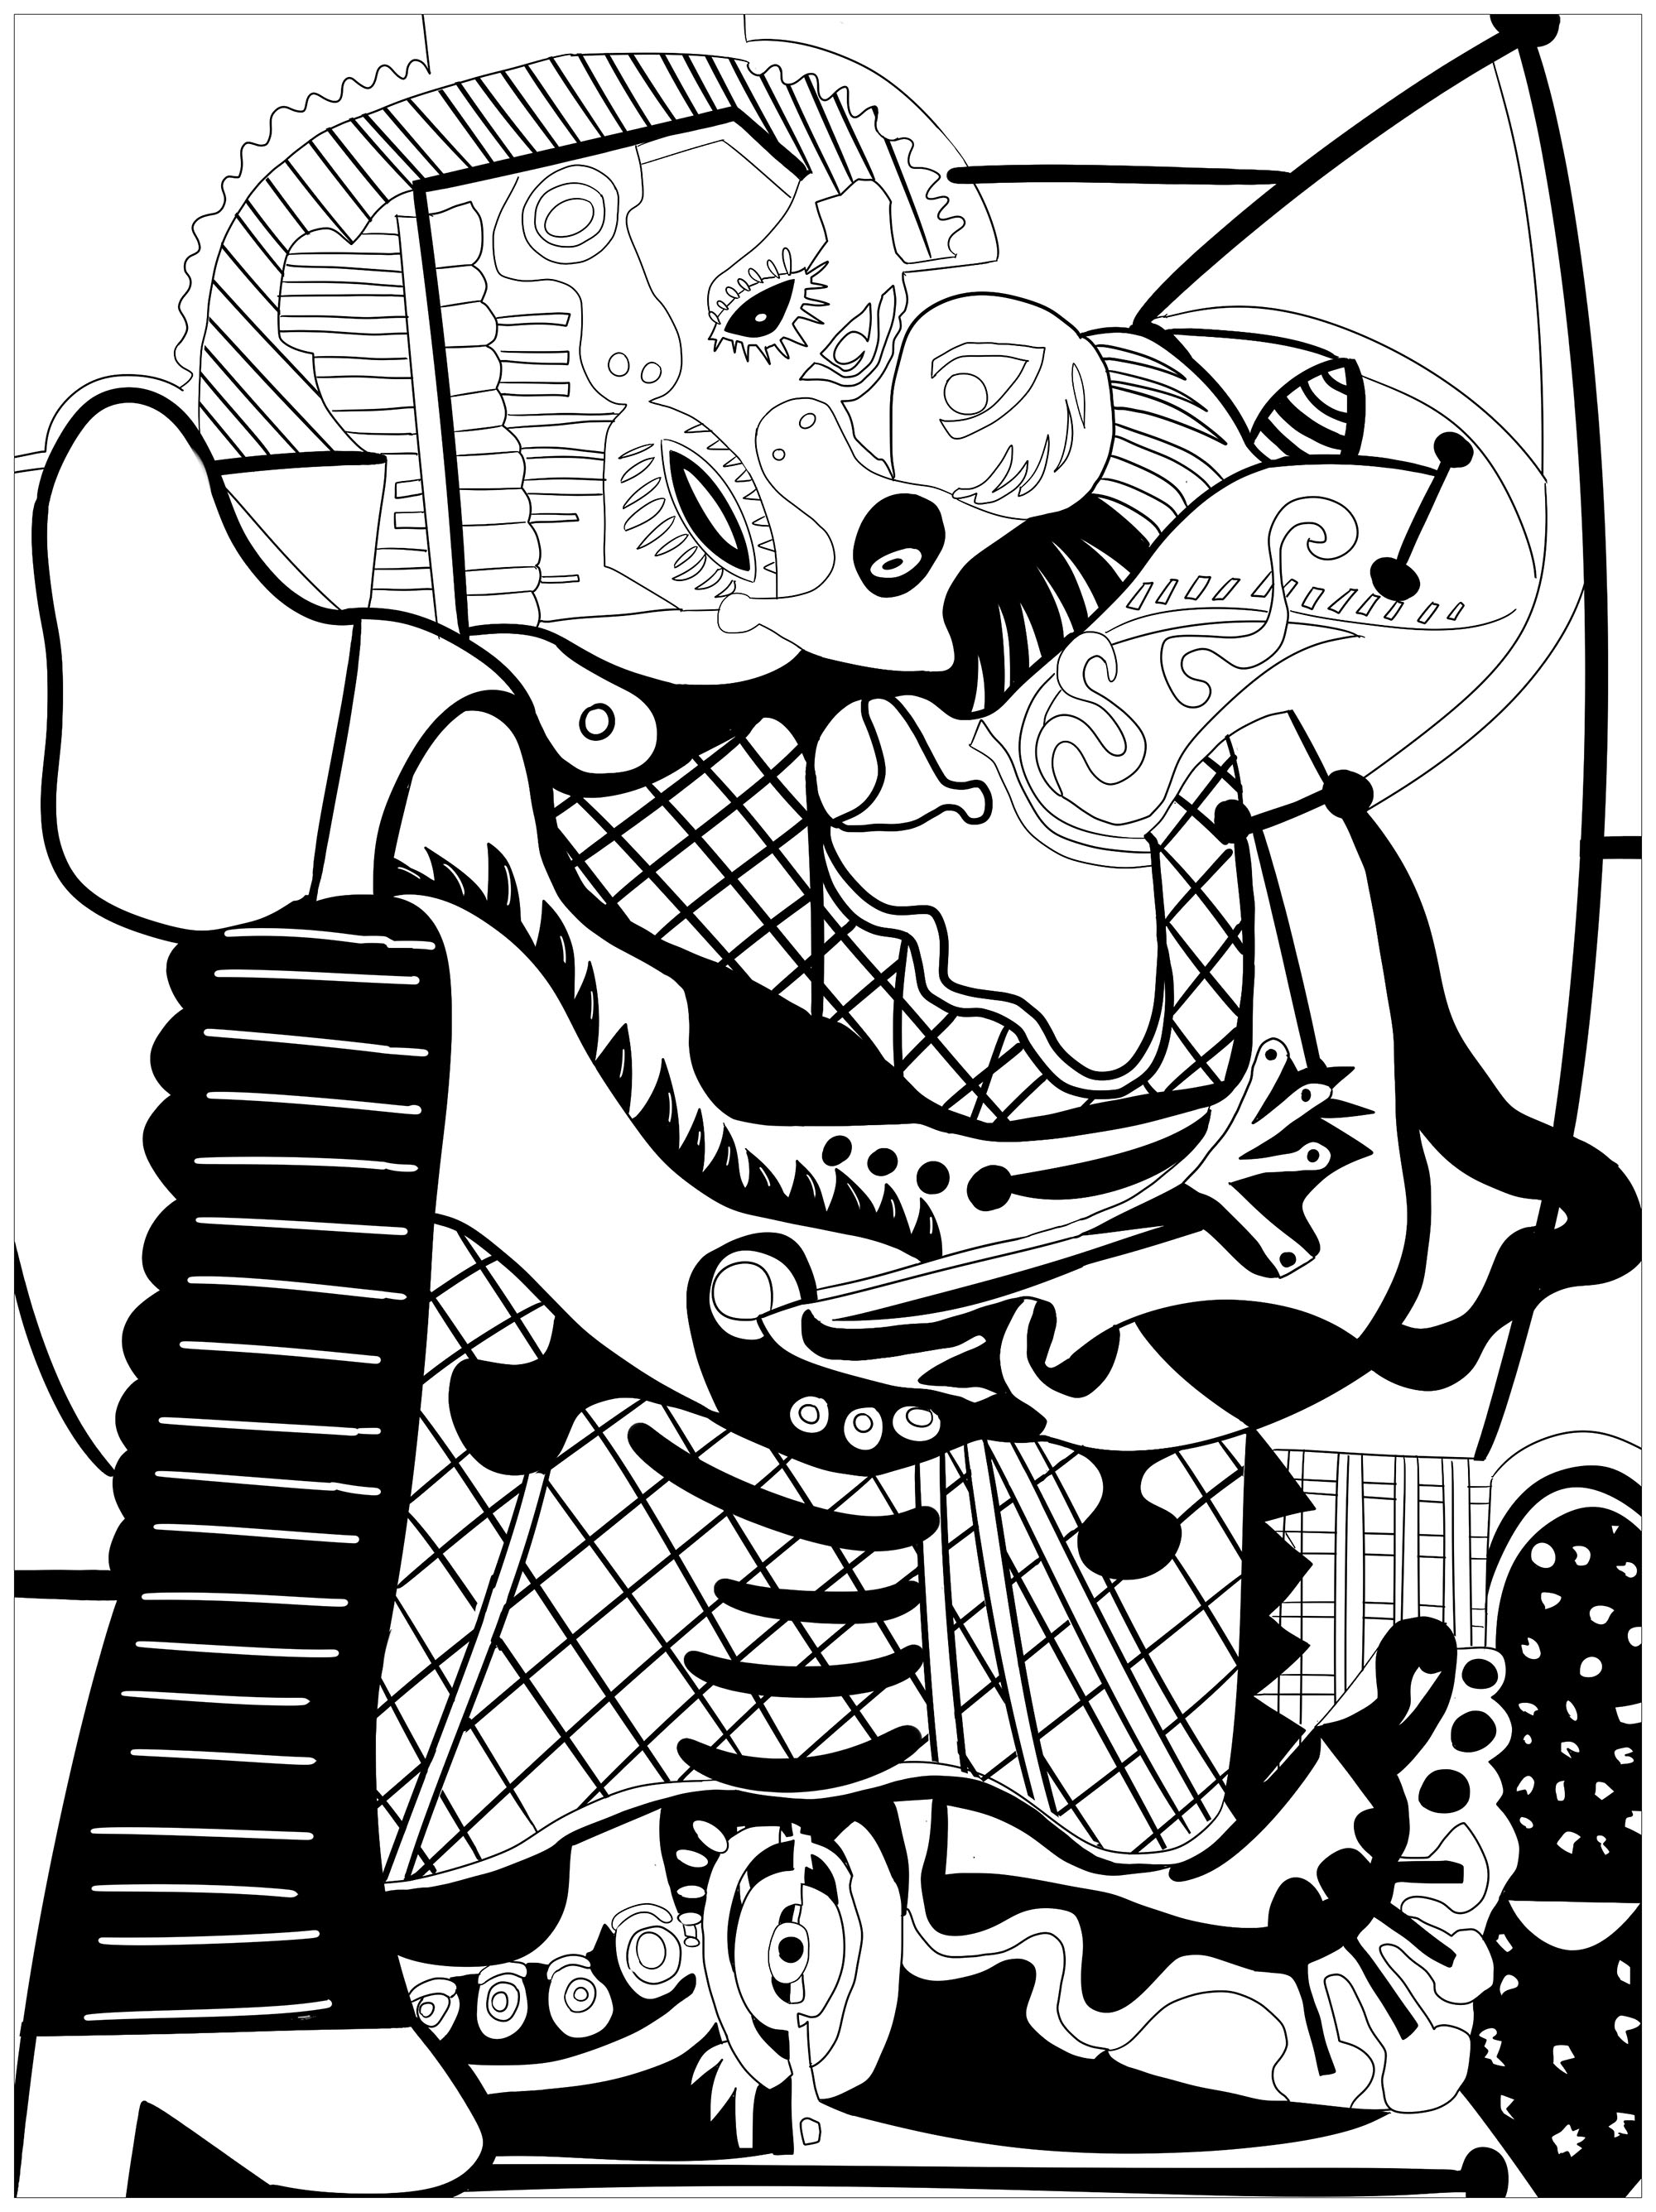 Coloriage De Picasso A Colorier Pour Enfants Coloriage Picasso Coloriages Pour Enfants